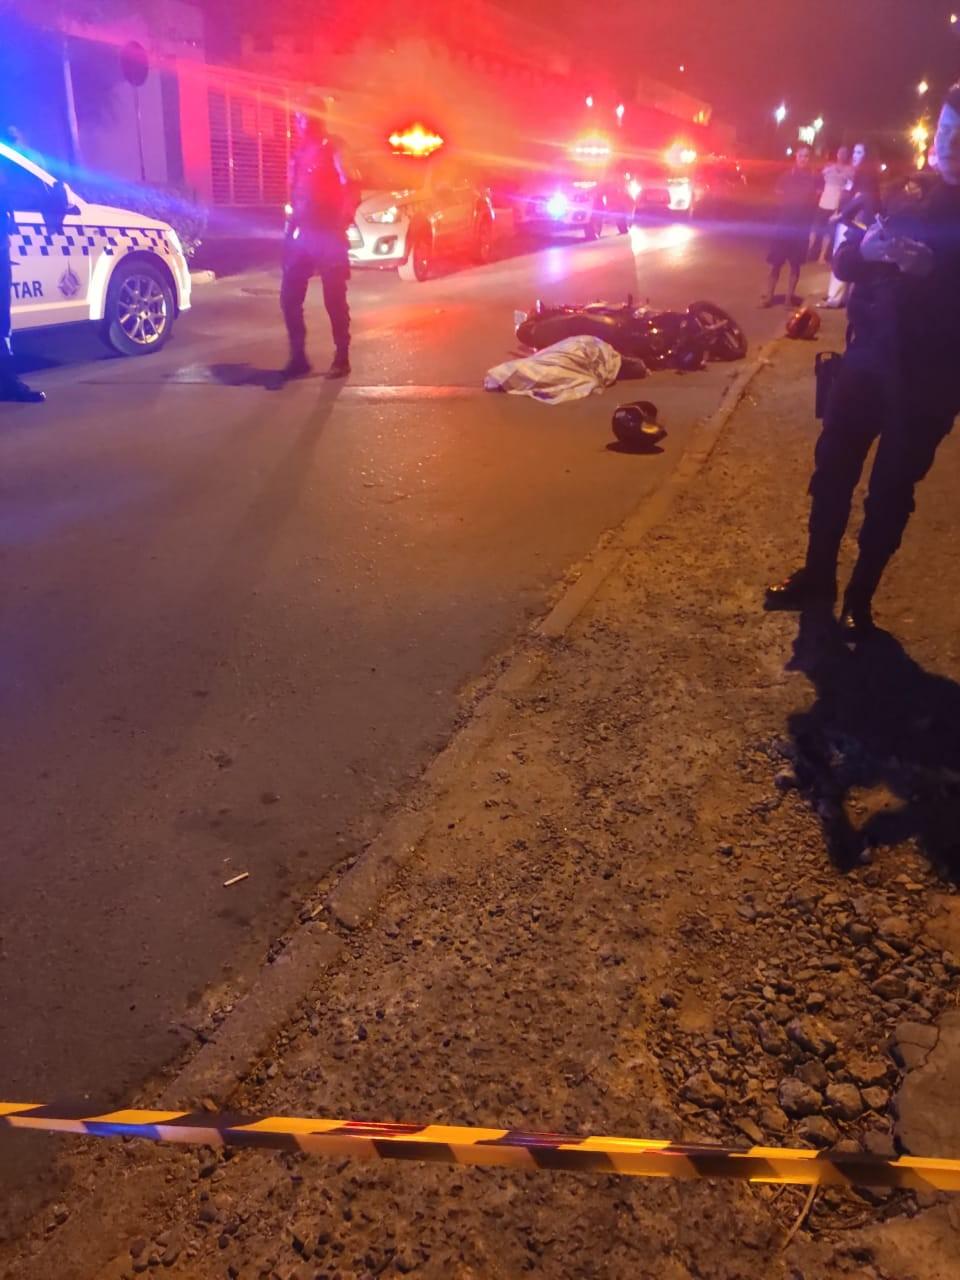 PM de folga reage a tentativa de assalto e mata suspeito no DF